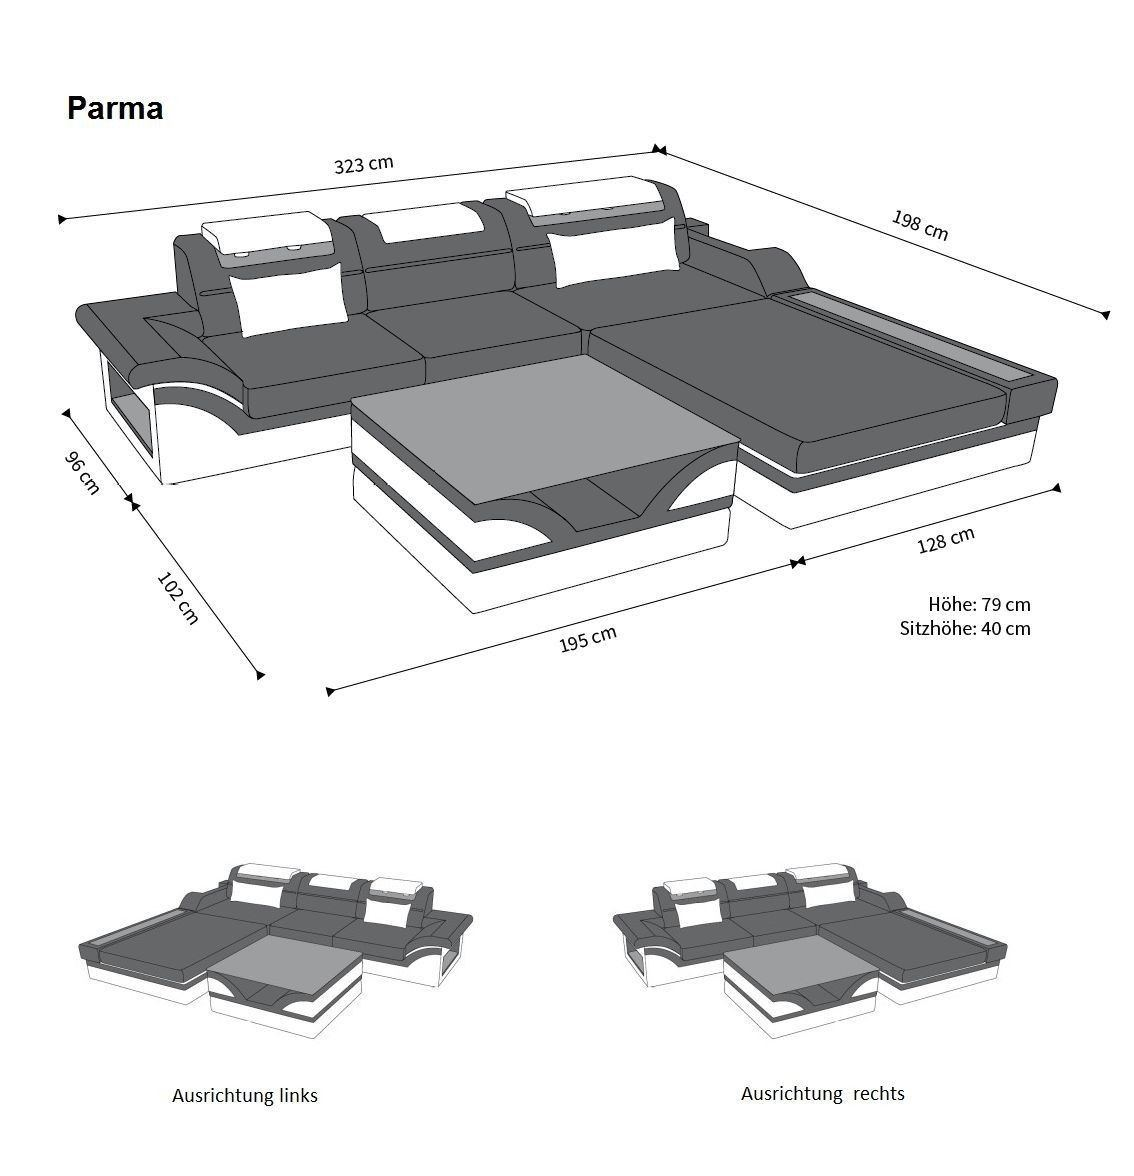 ledersofa parma l form schwarz braun. Black Bedroom Furniture Sets. Home Design Ideas